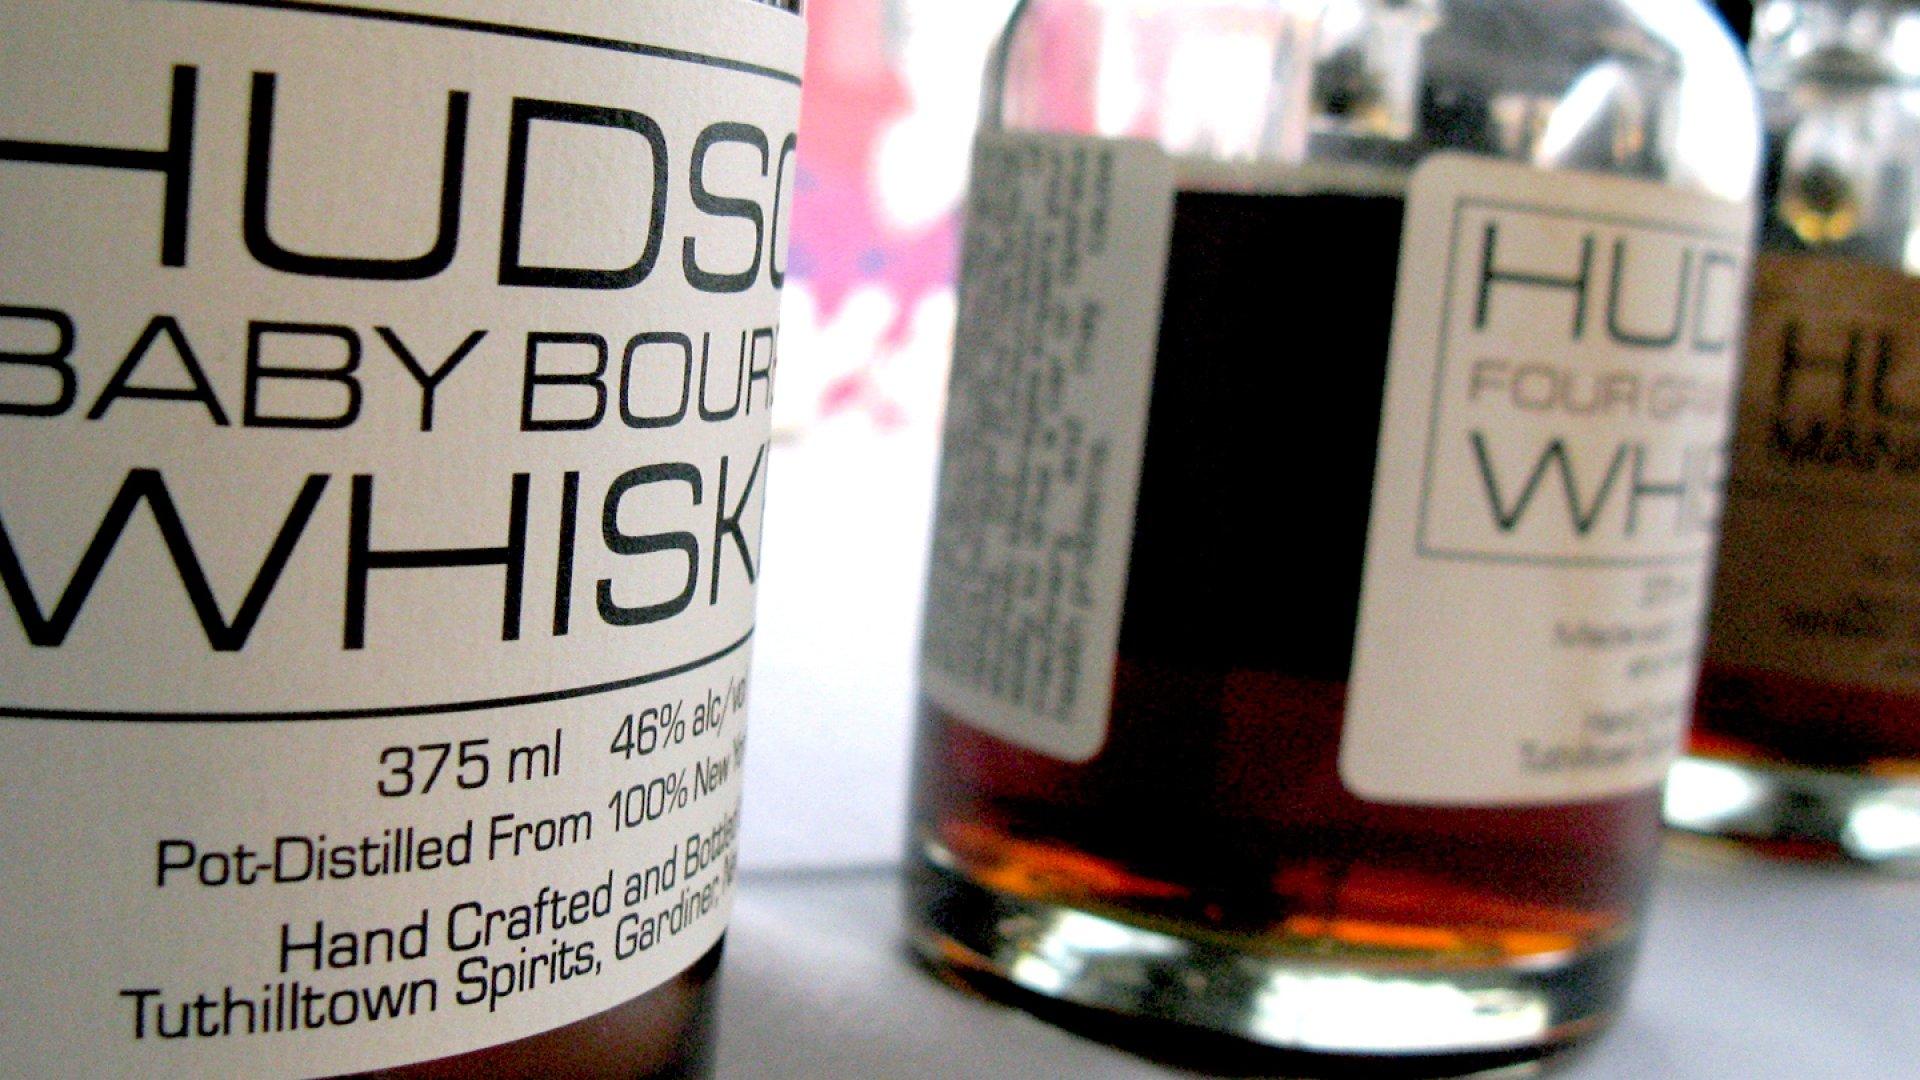 Tuthilltown Spirits Hudson Baby Bourbon Whisky